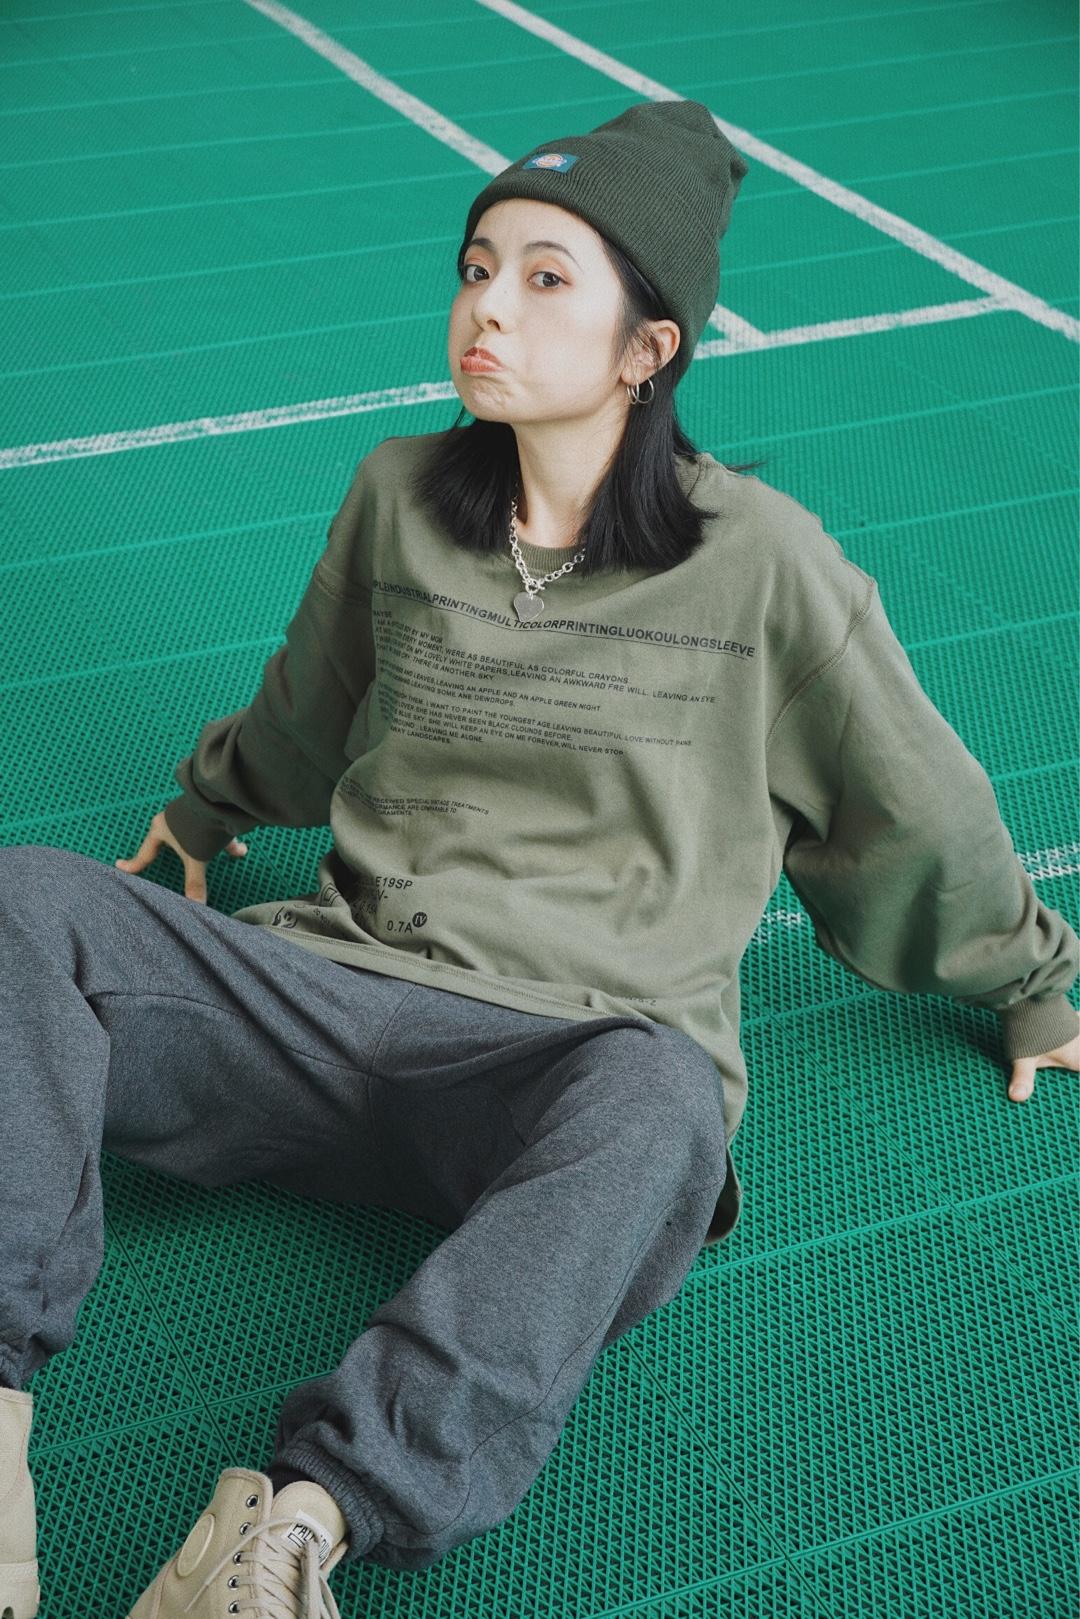 #女生必须尝试的5种风格#   酷盖穿搭法则当然是休闲运动风最省事儿~  秋天到了,也该穿上卫衣卫裤了!